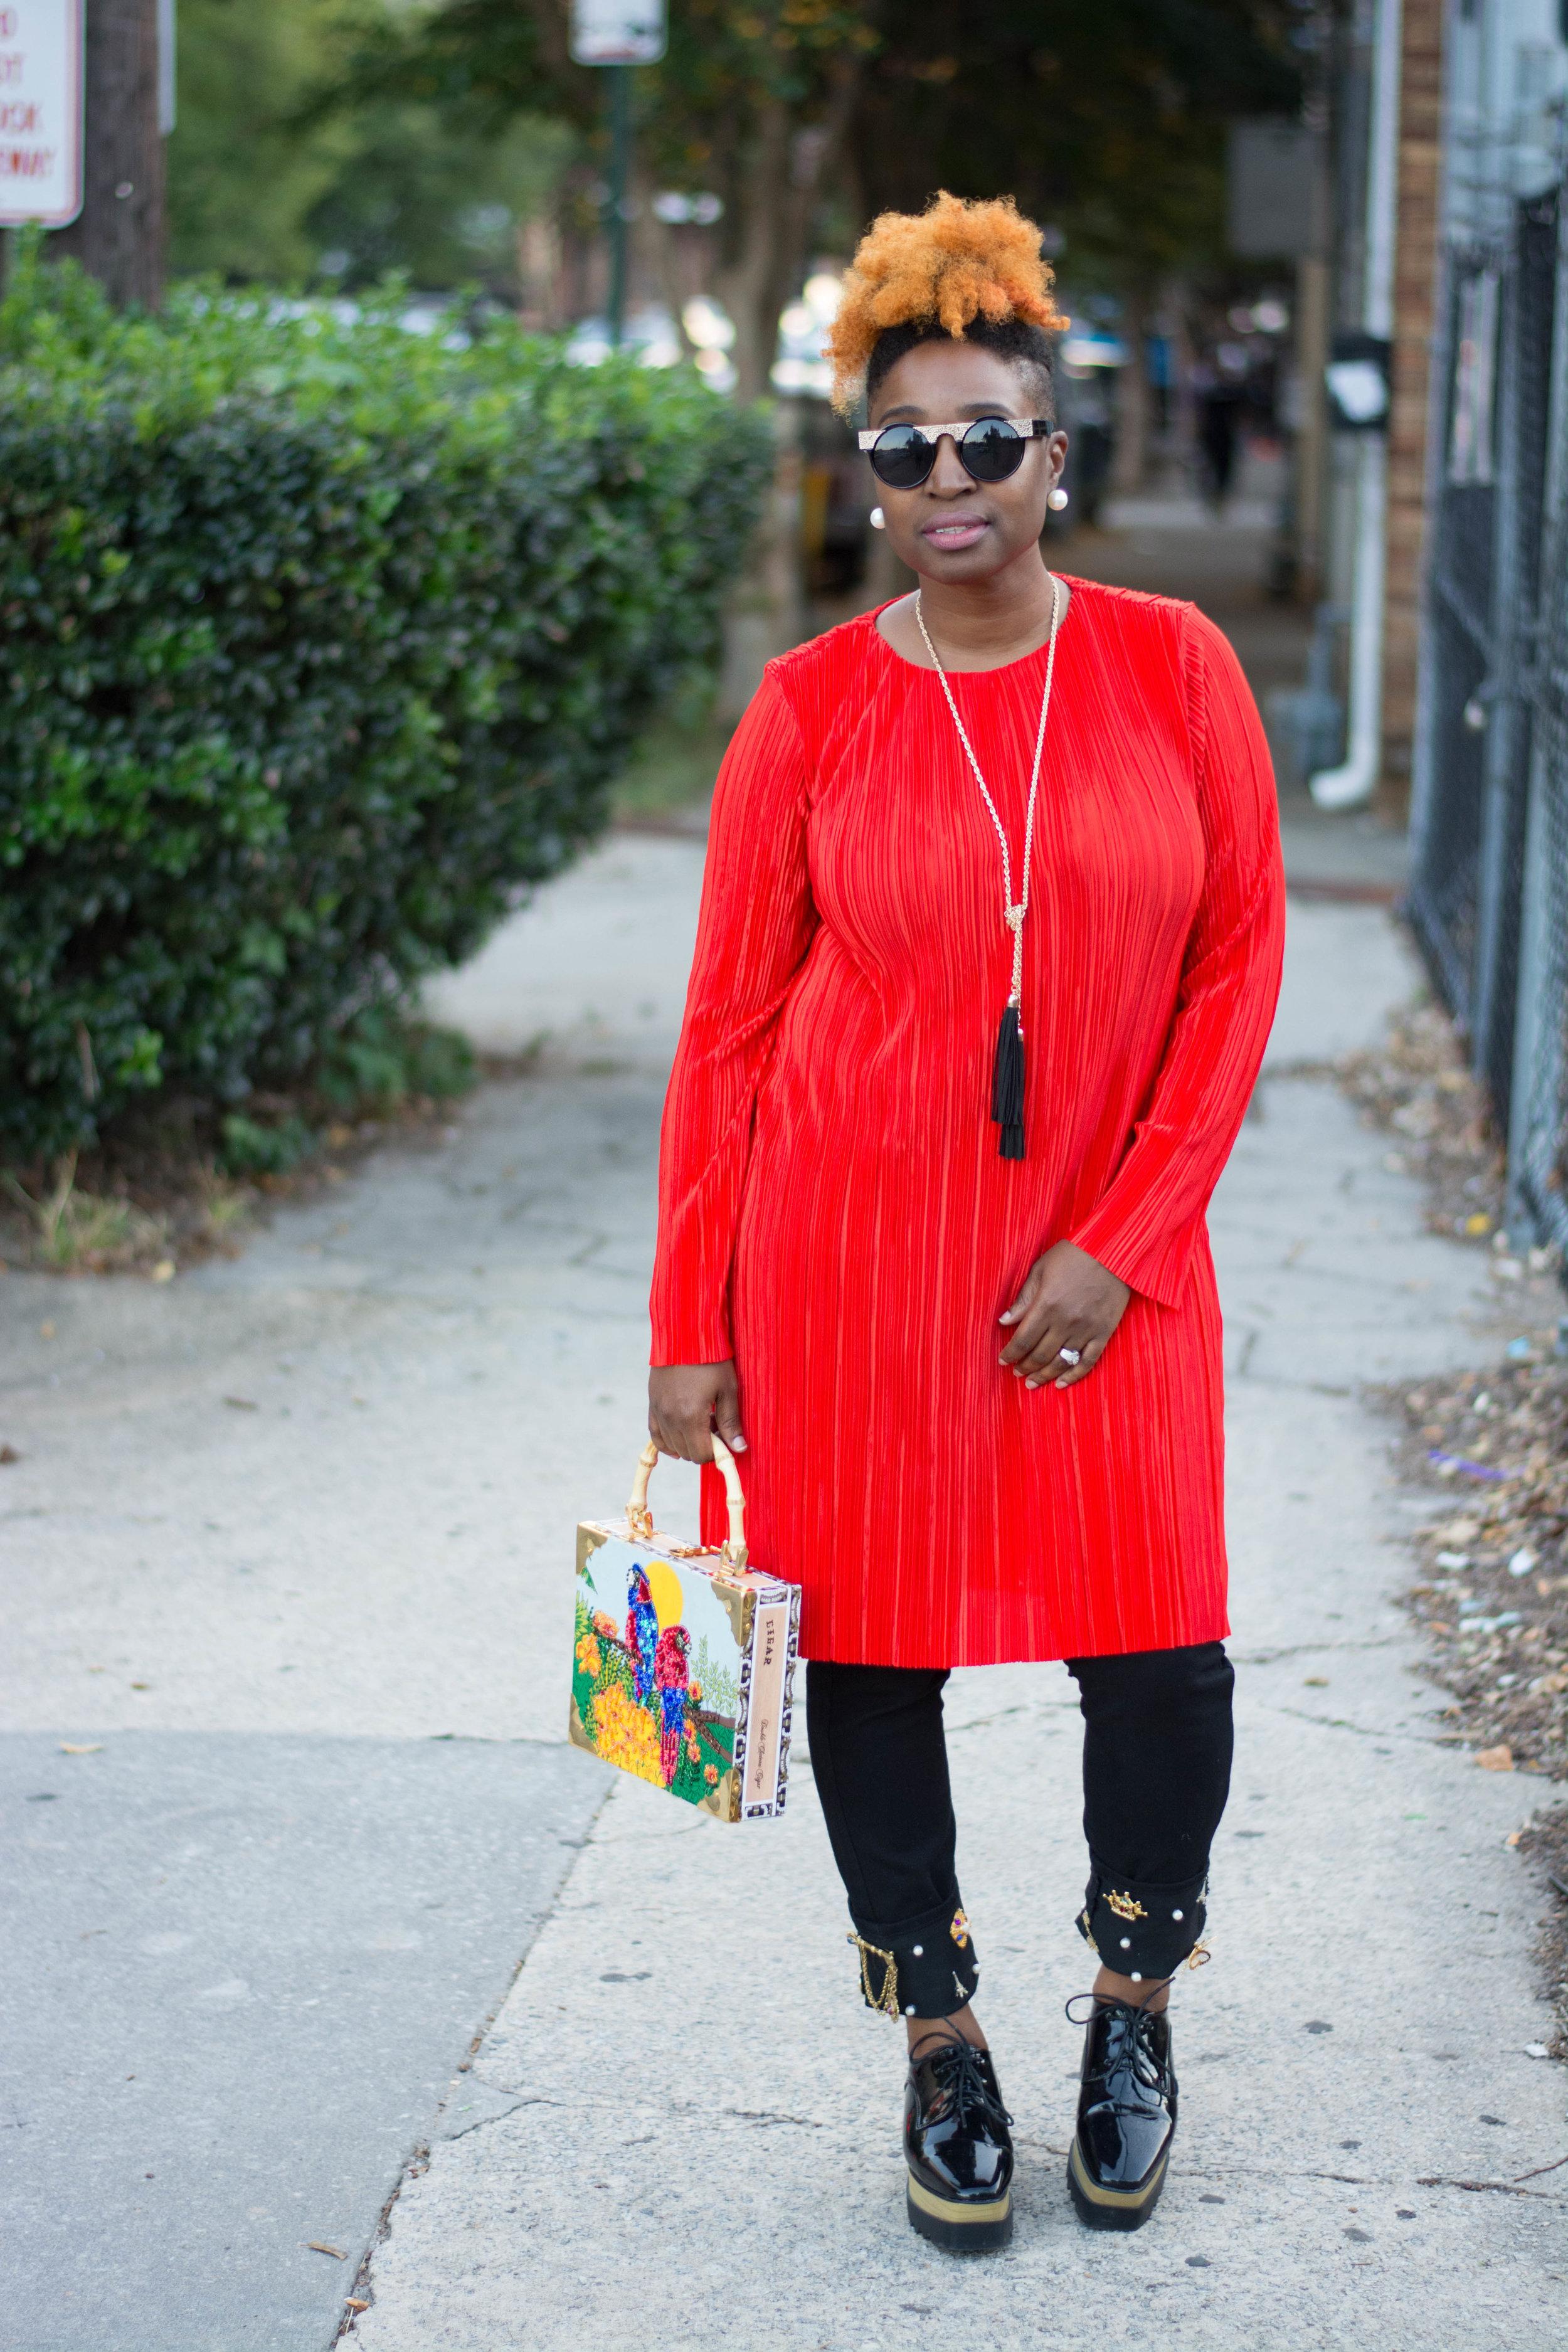 Atlanta Style blogger, Top Black blogger, Top Fashion blogger